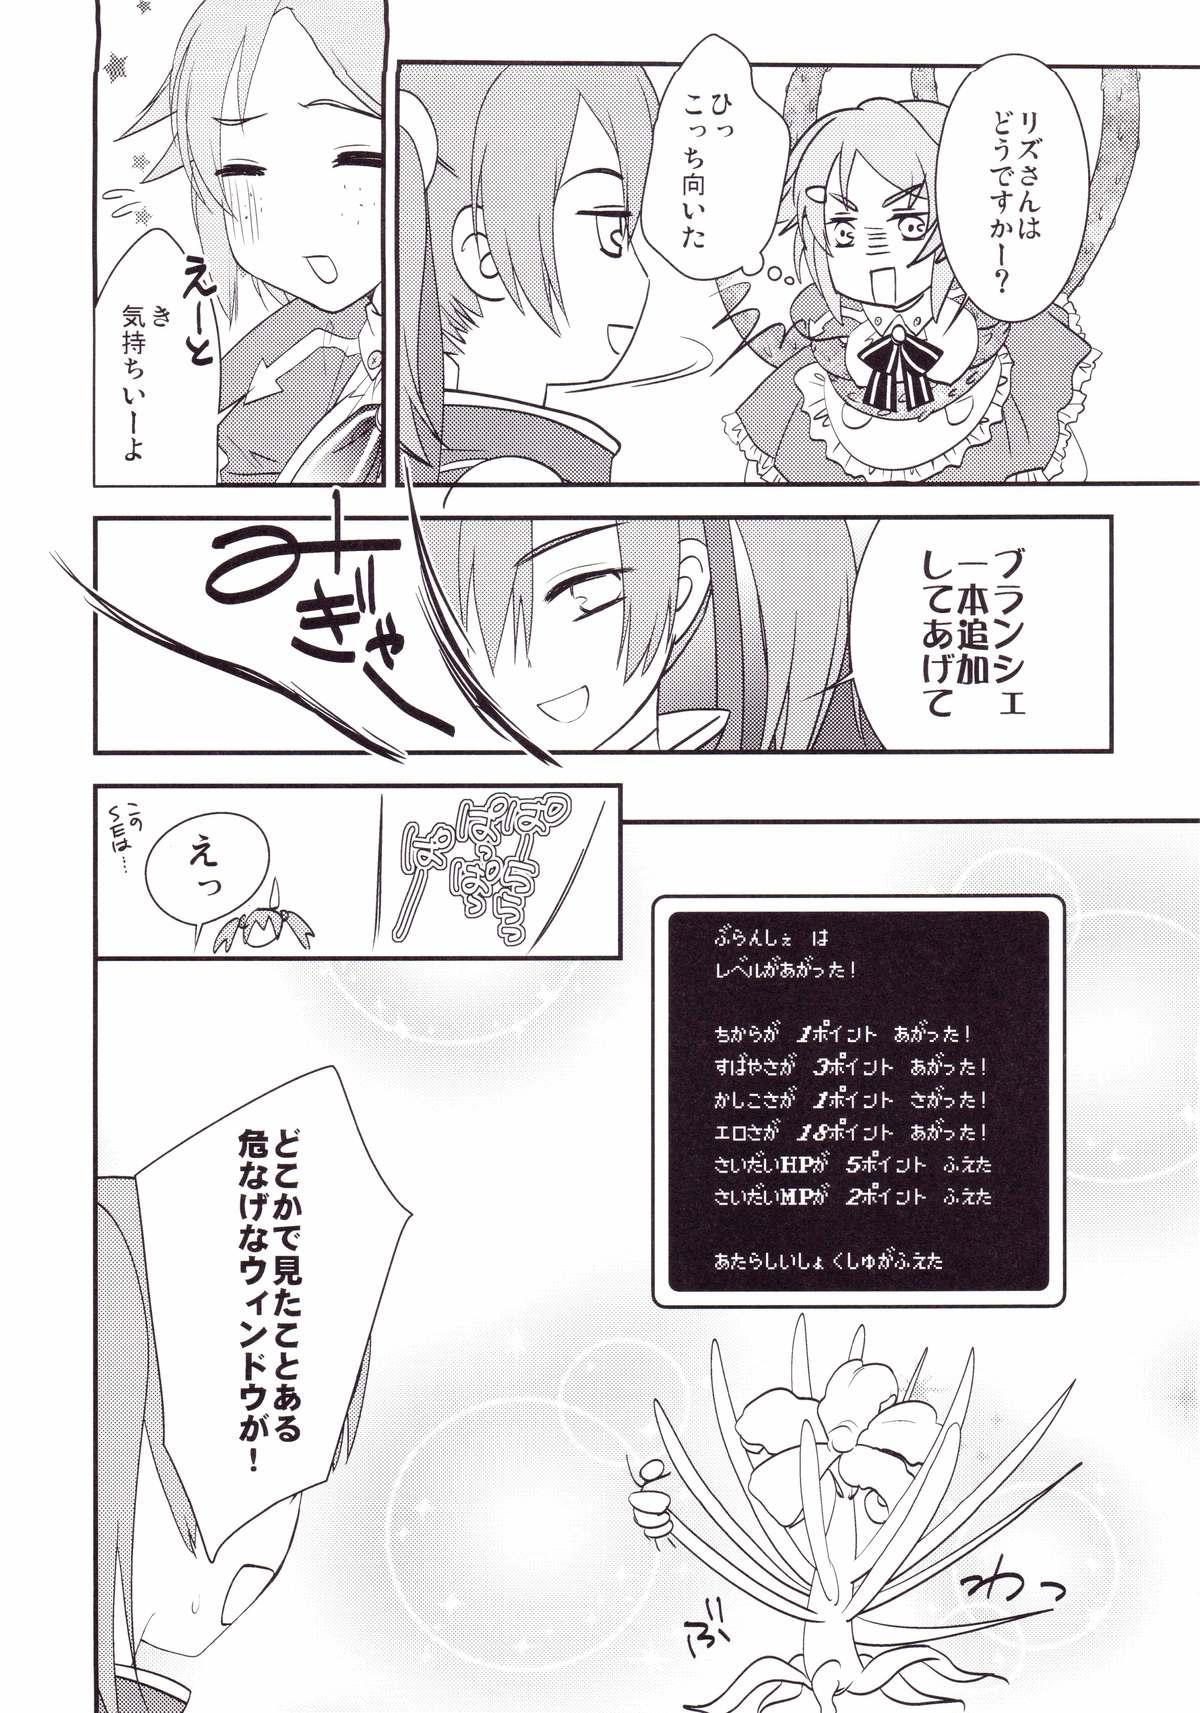 Kirito-kun no shiroku betatsuku nani ka 2 25